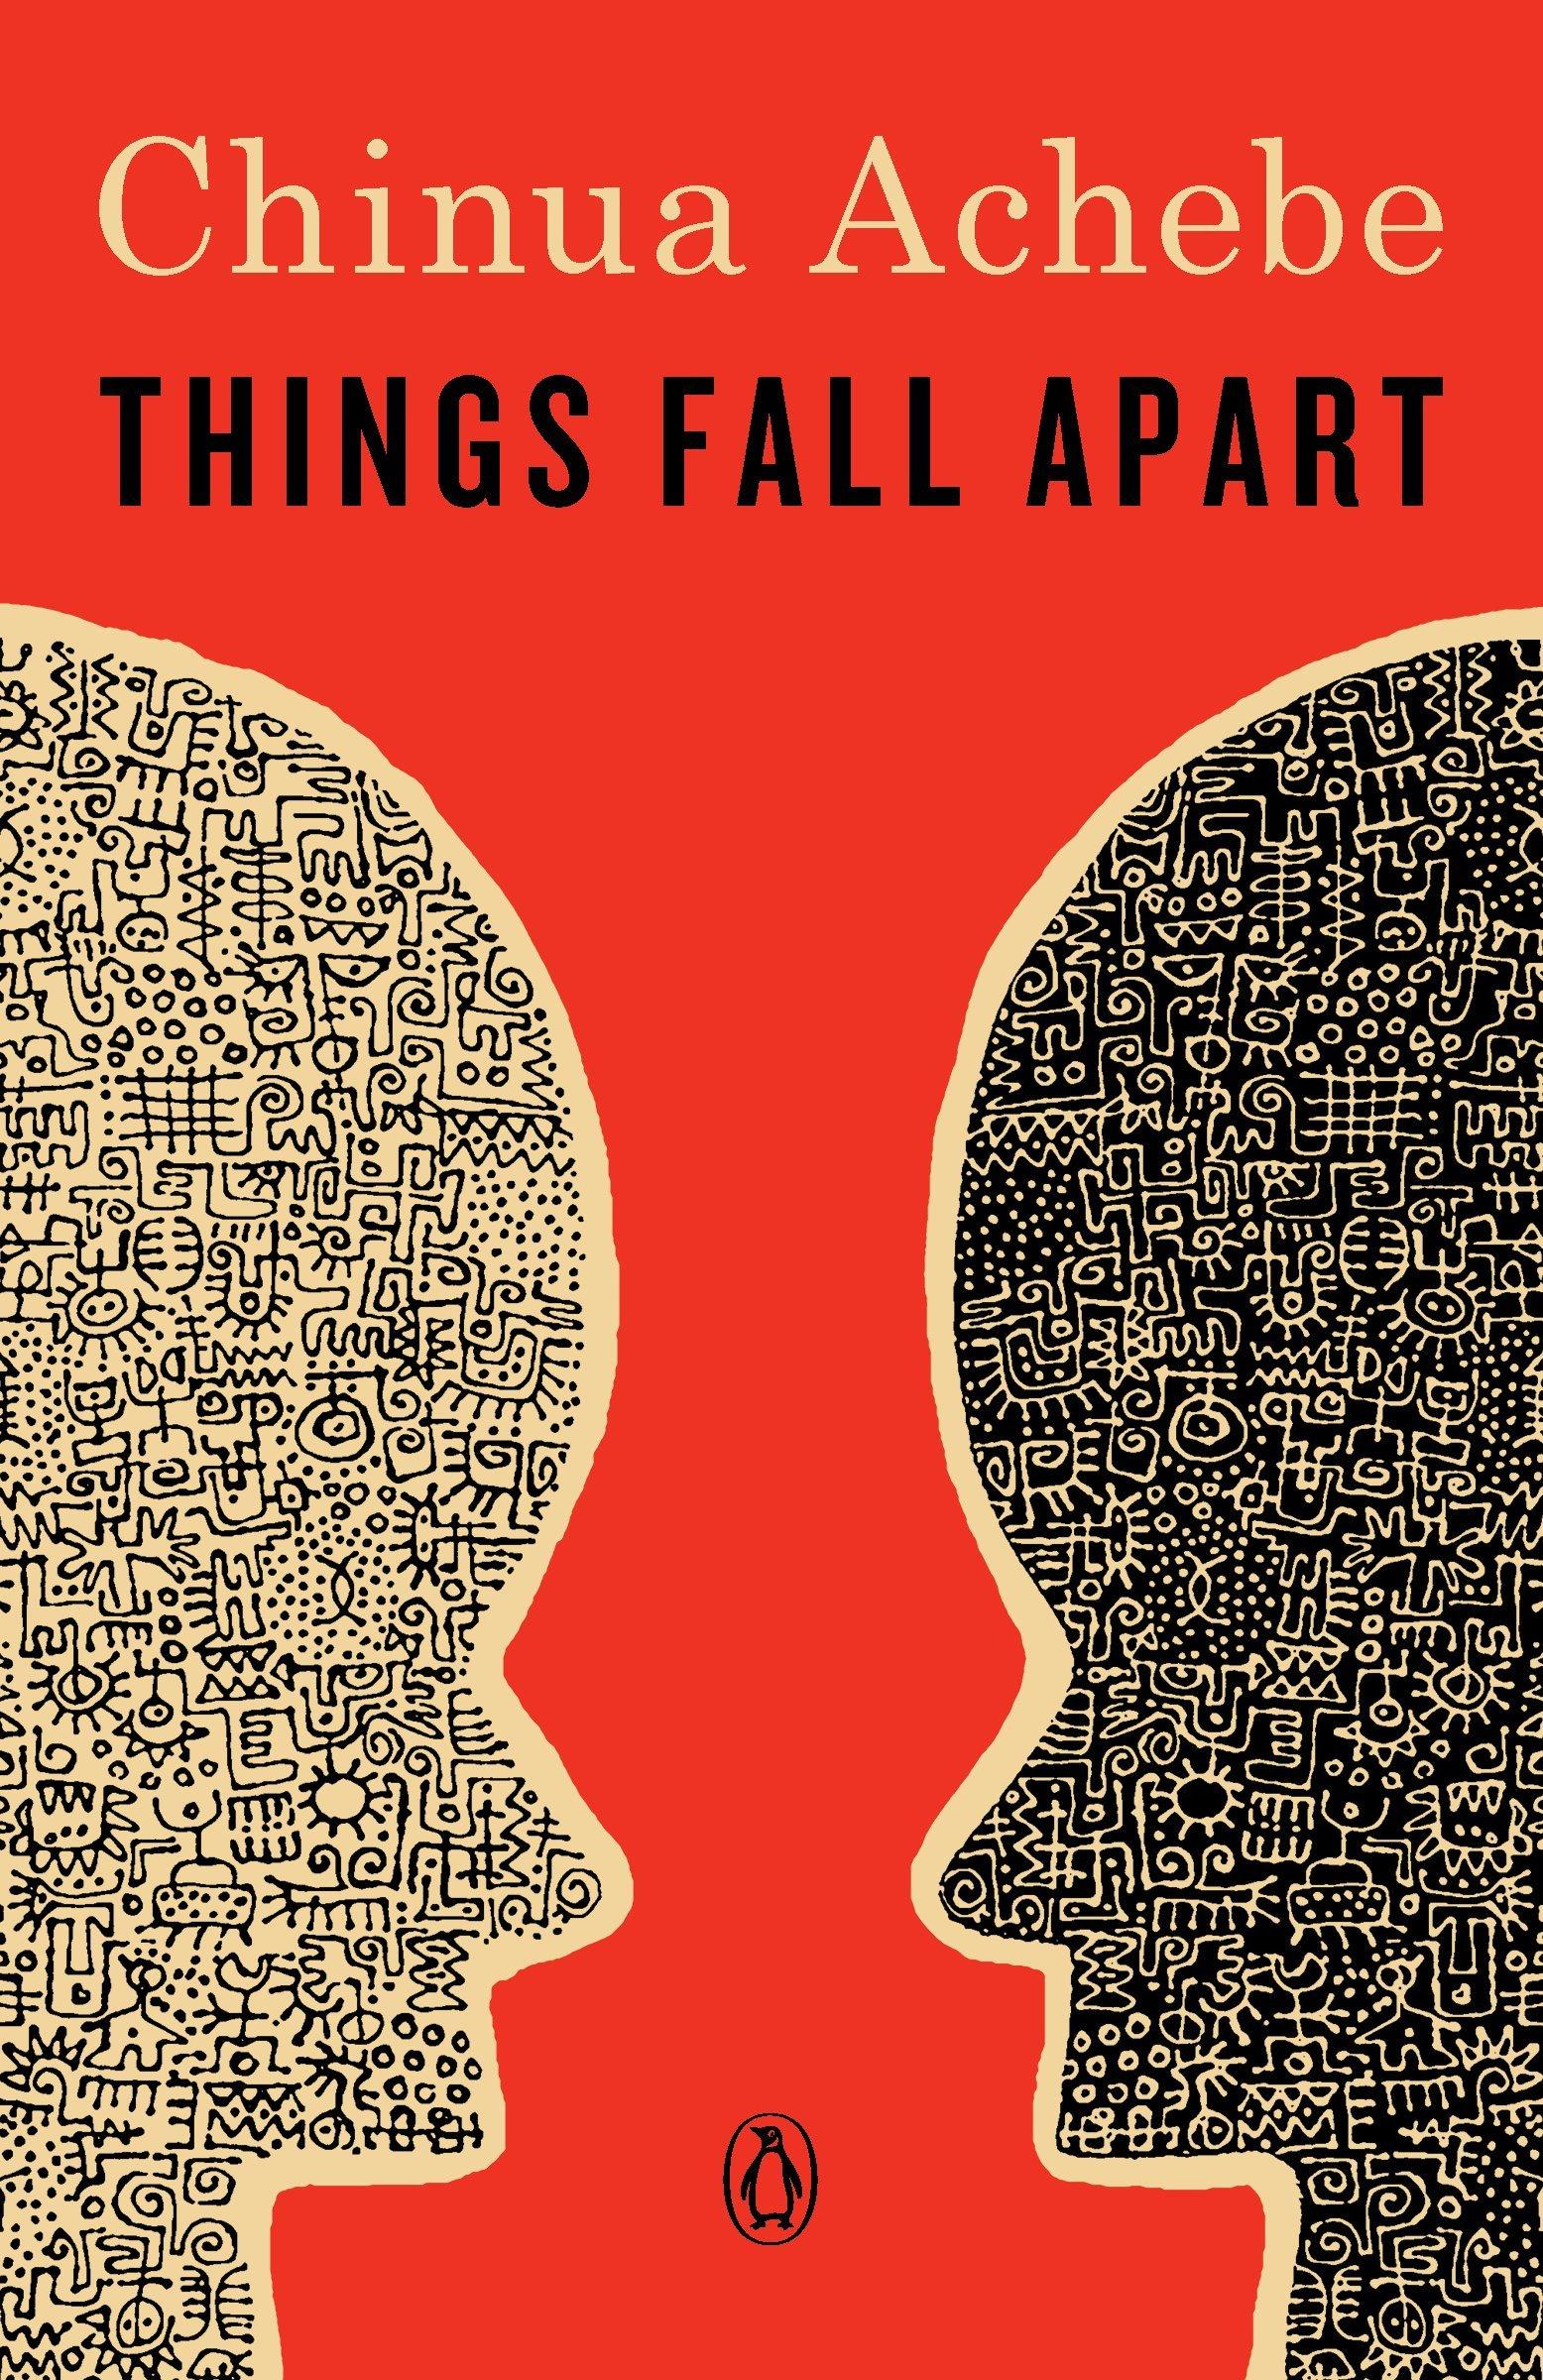 Things Fall Apart PDF Summary - Chinua Achebe | 12min Blog